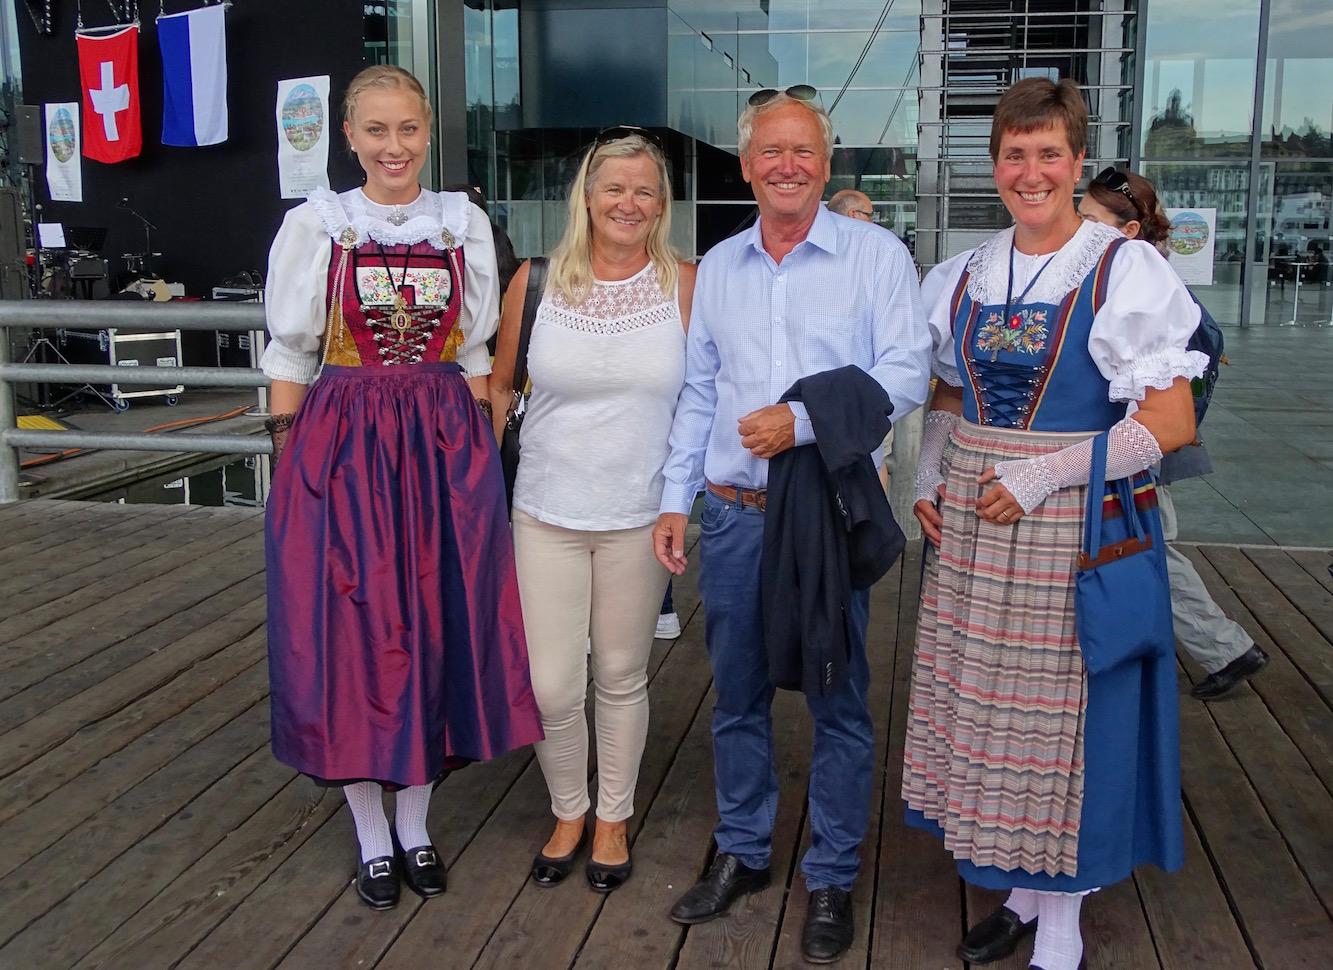 Paul Winiker mit Gattin, umrahmt von Marlis Krummenacher (rechts) und ihrer Tochter.